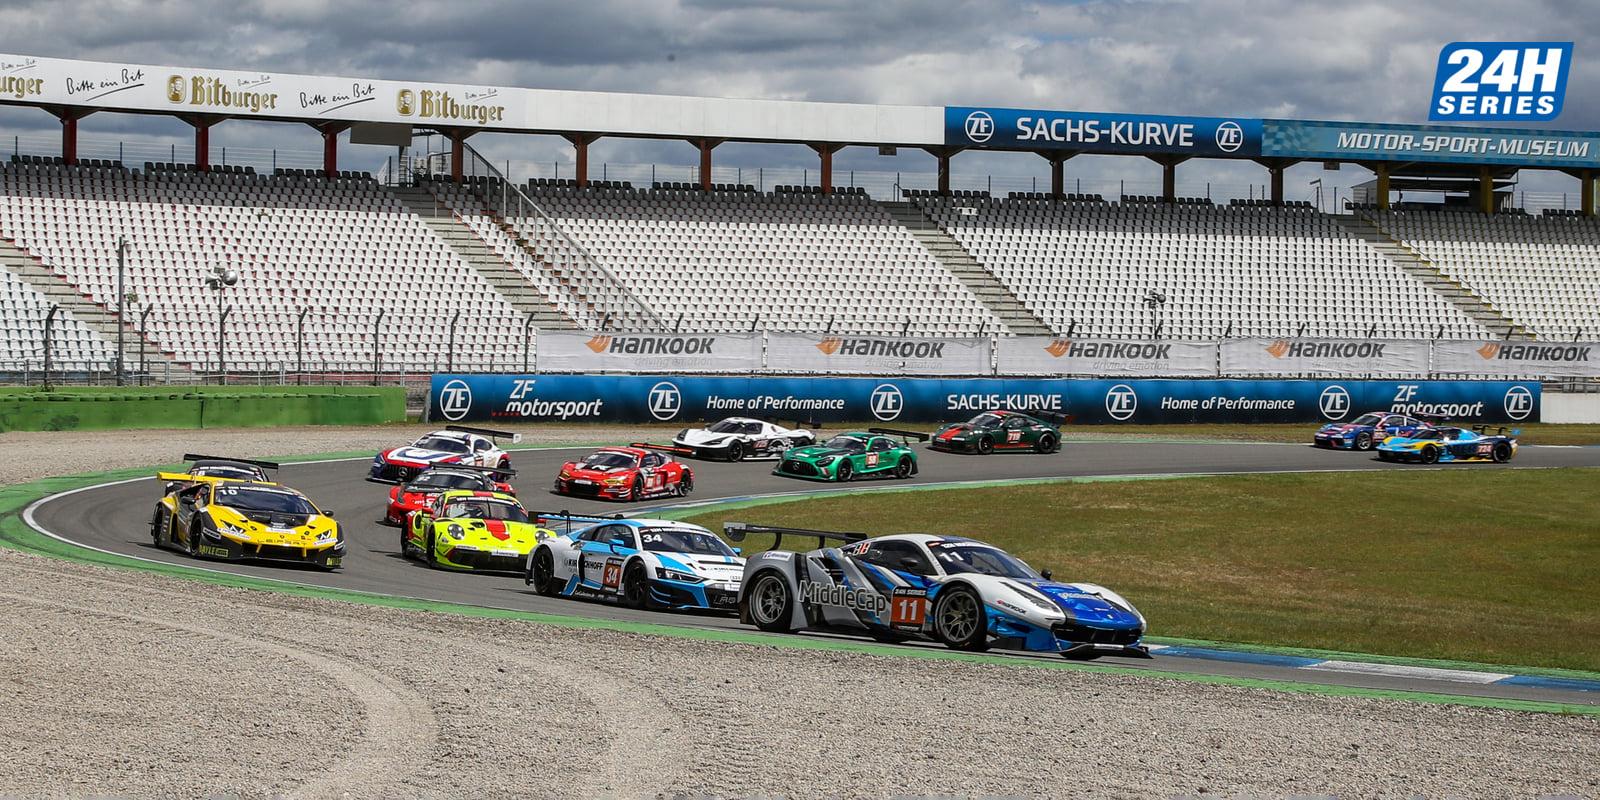 Visszatér a Hungaroringre a 12 órás autóverseny széria